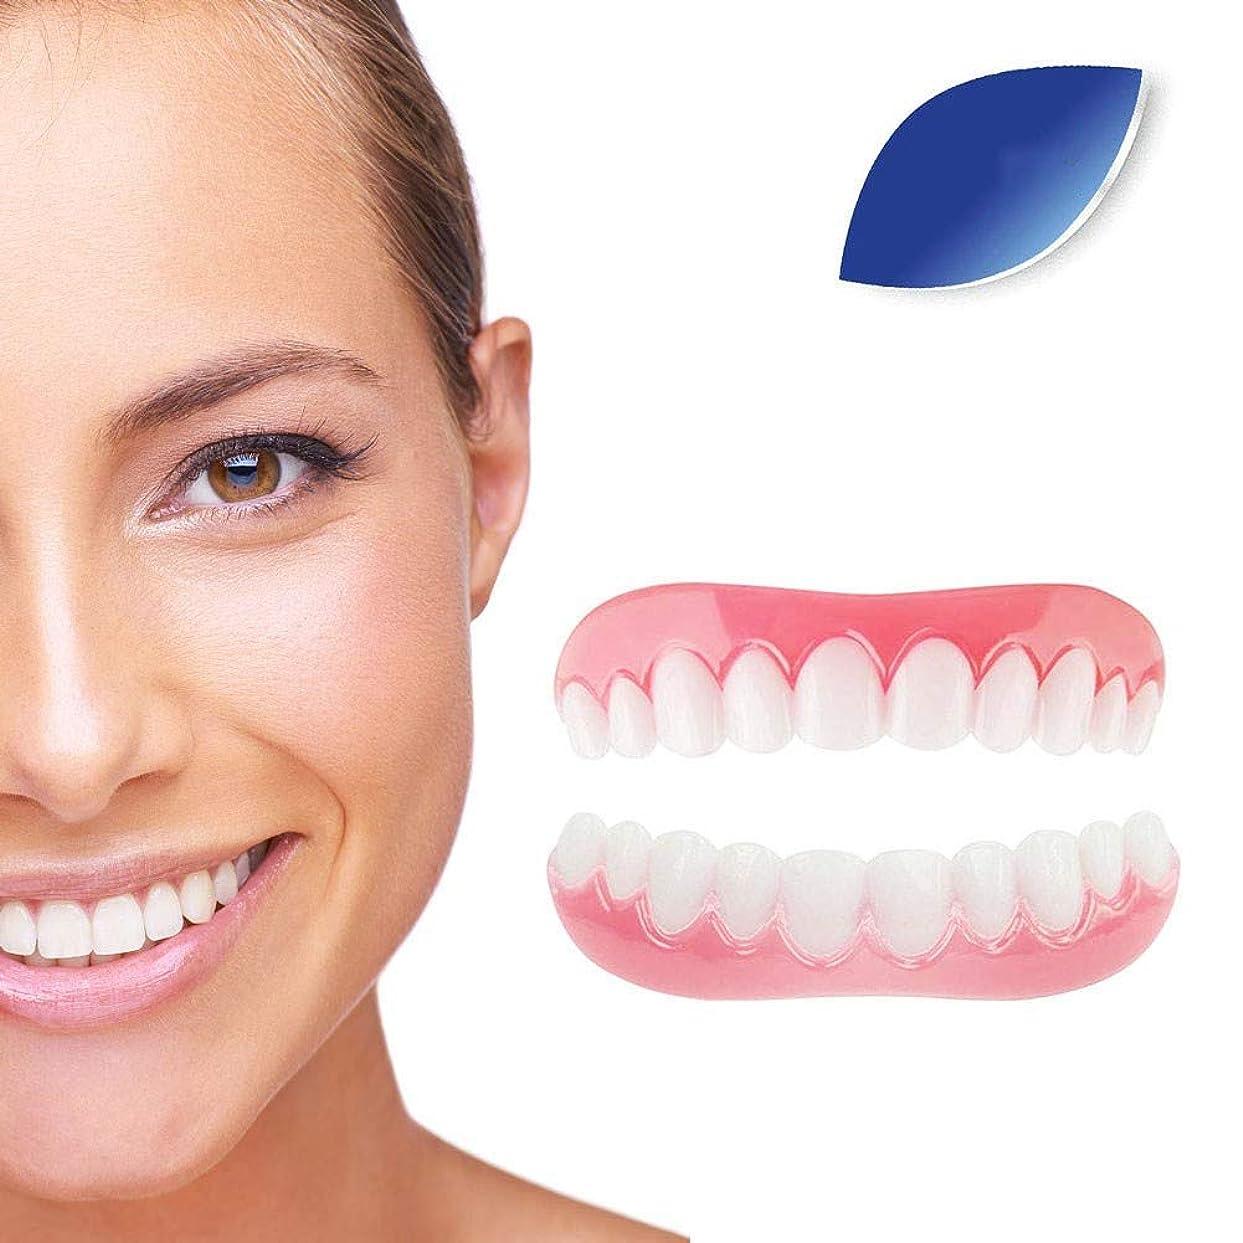 病なファセット支店インスタントブレースの歯のスナップキャップを白くする快適フィット義歯の上のベニヤの笑顔ワンサイズ最もフィットする(上と下用),6Pairs